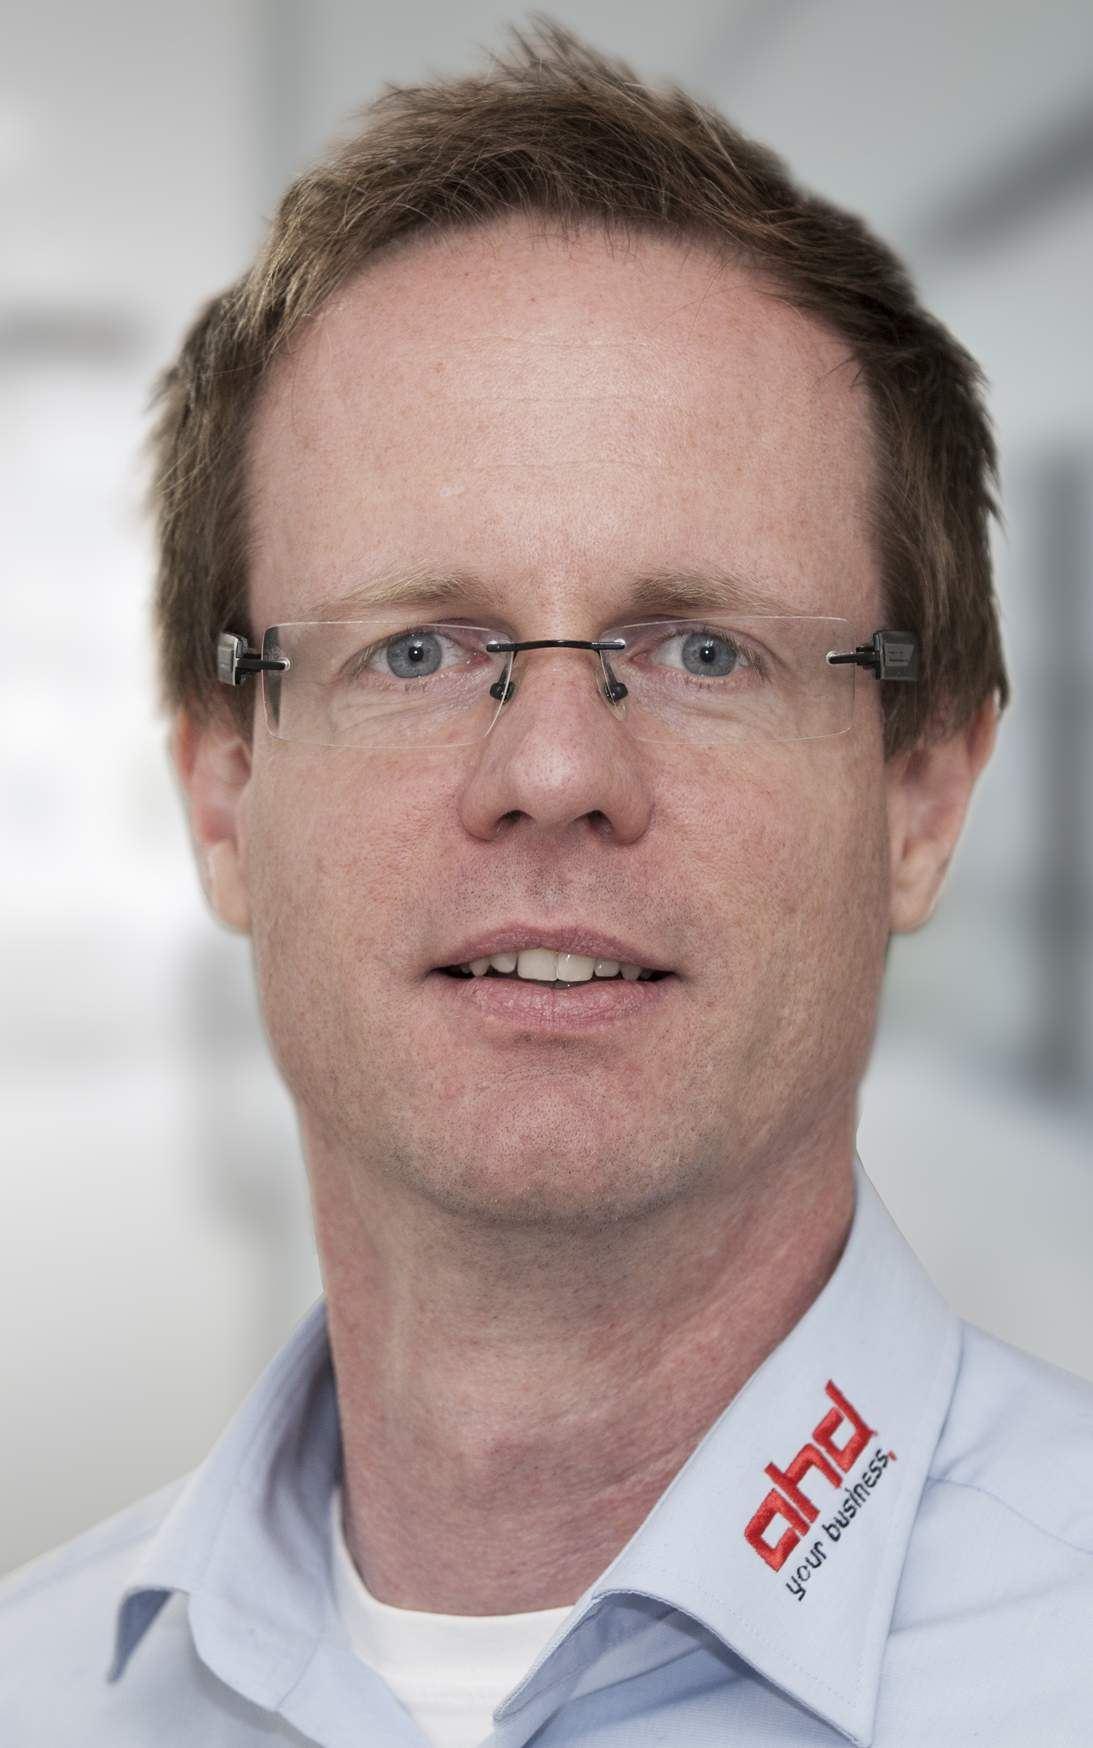 Marcus Bengsch verantwortet bei ahd den Bereich Managed Services und leitet ein Team von 25 Mitarbeitern.